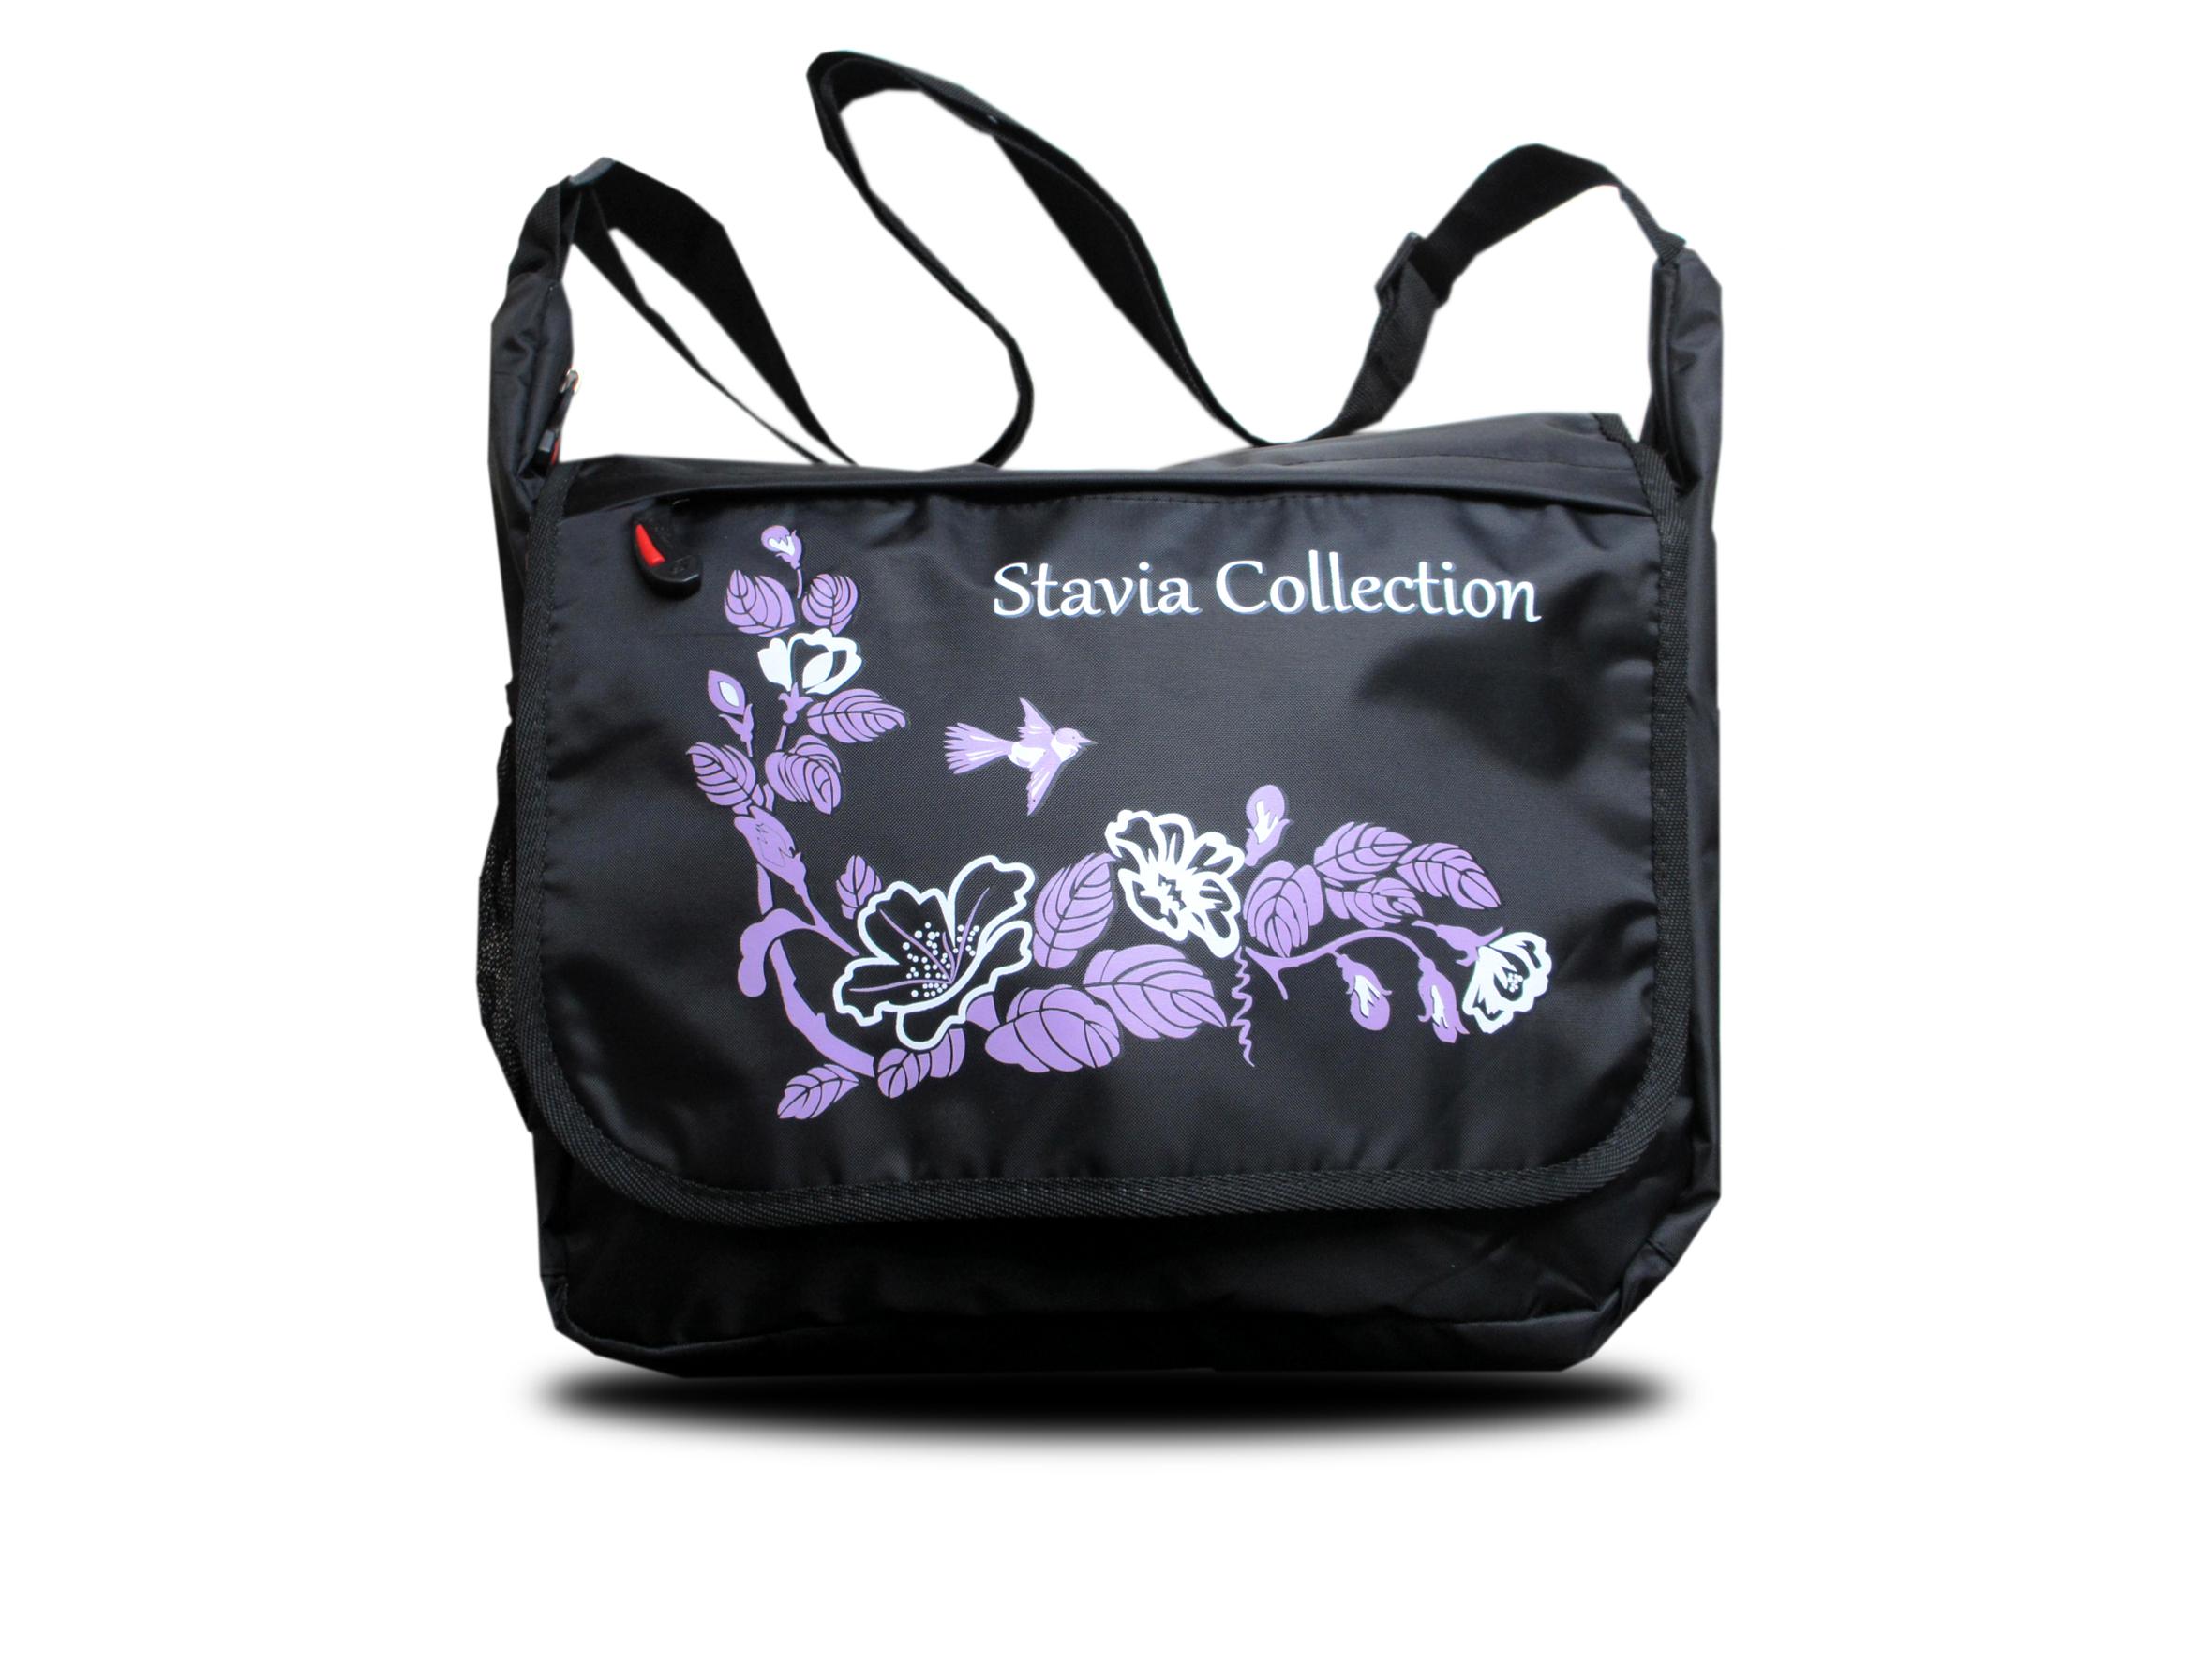 Молодежные сумки на плечо ― Производственная компания СттНск, тапочки,  сланцы, сумки, рюкзаки, обложки для документов оптом в Новосибирске 4b9c481128c